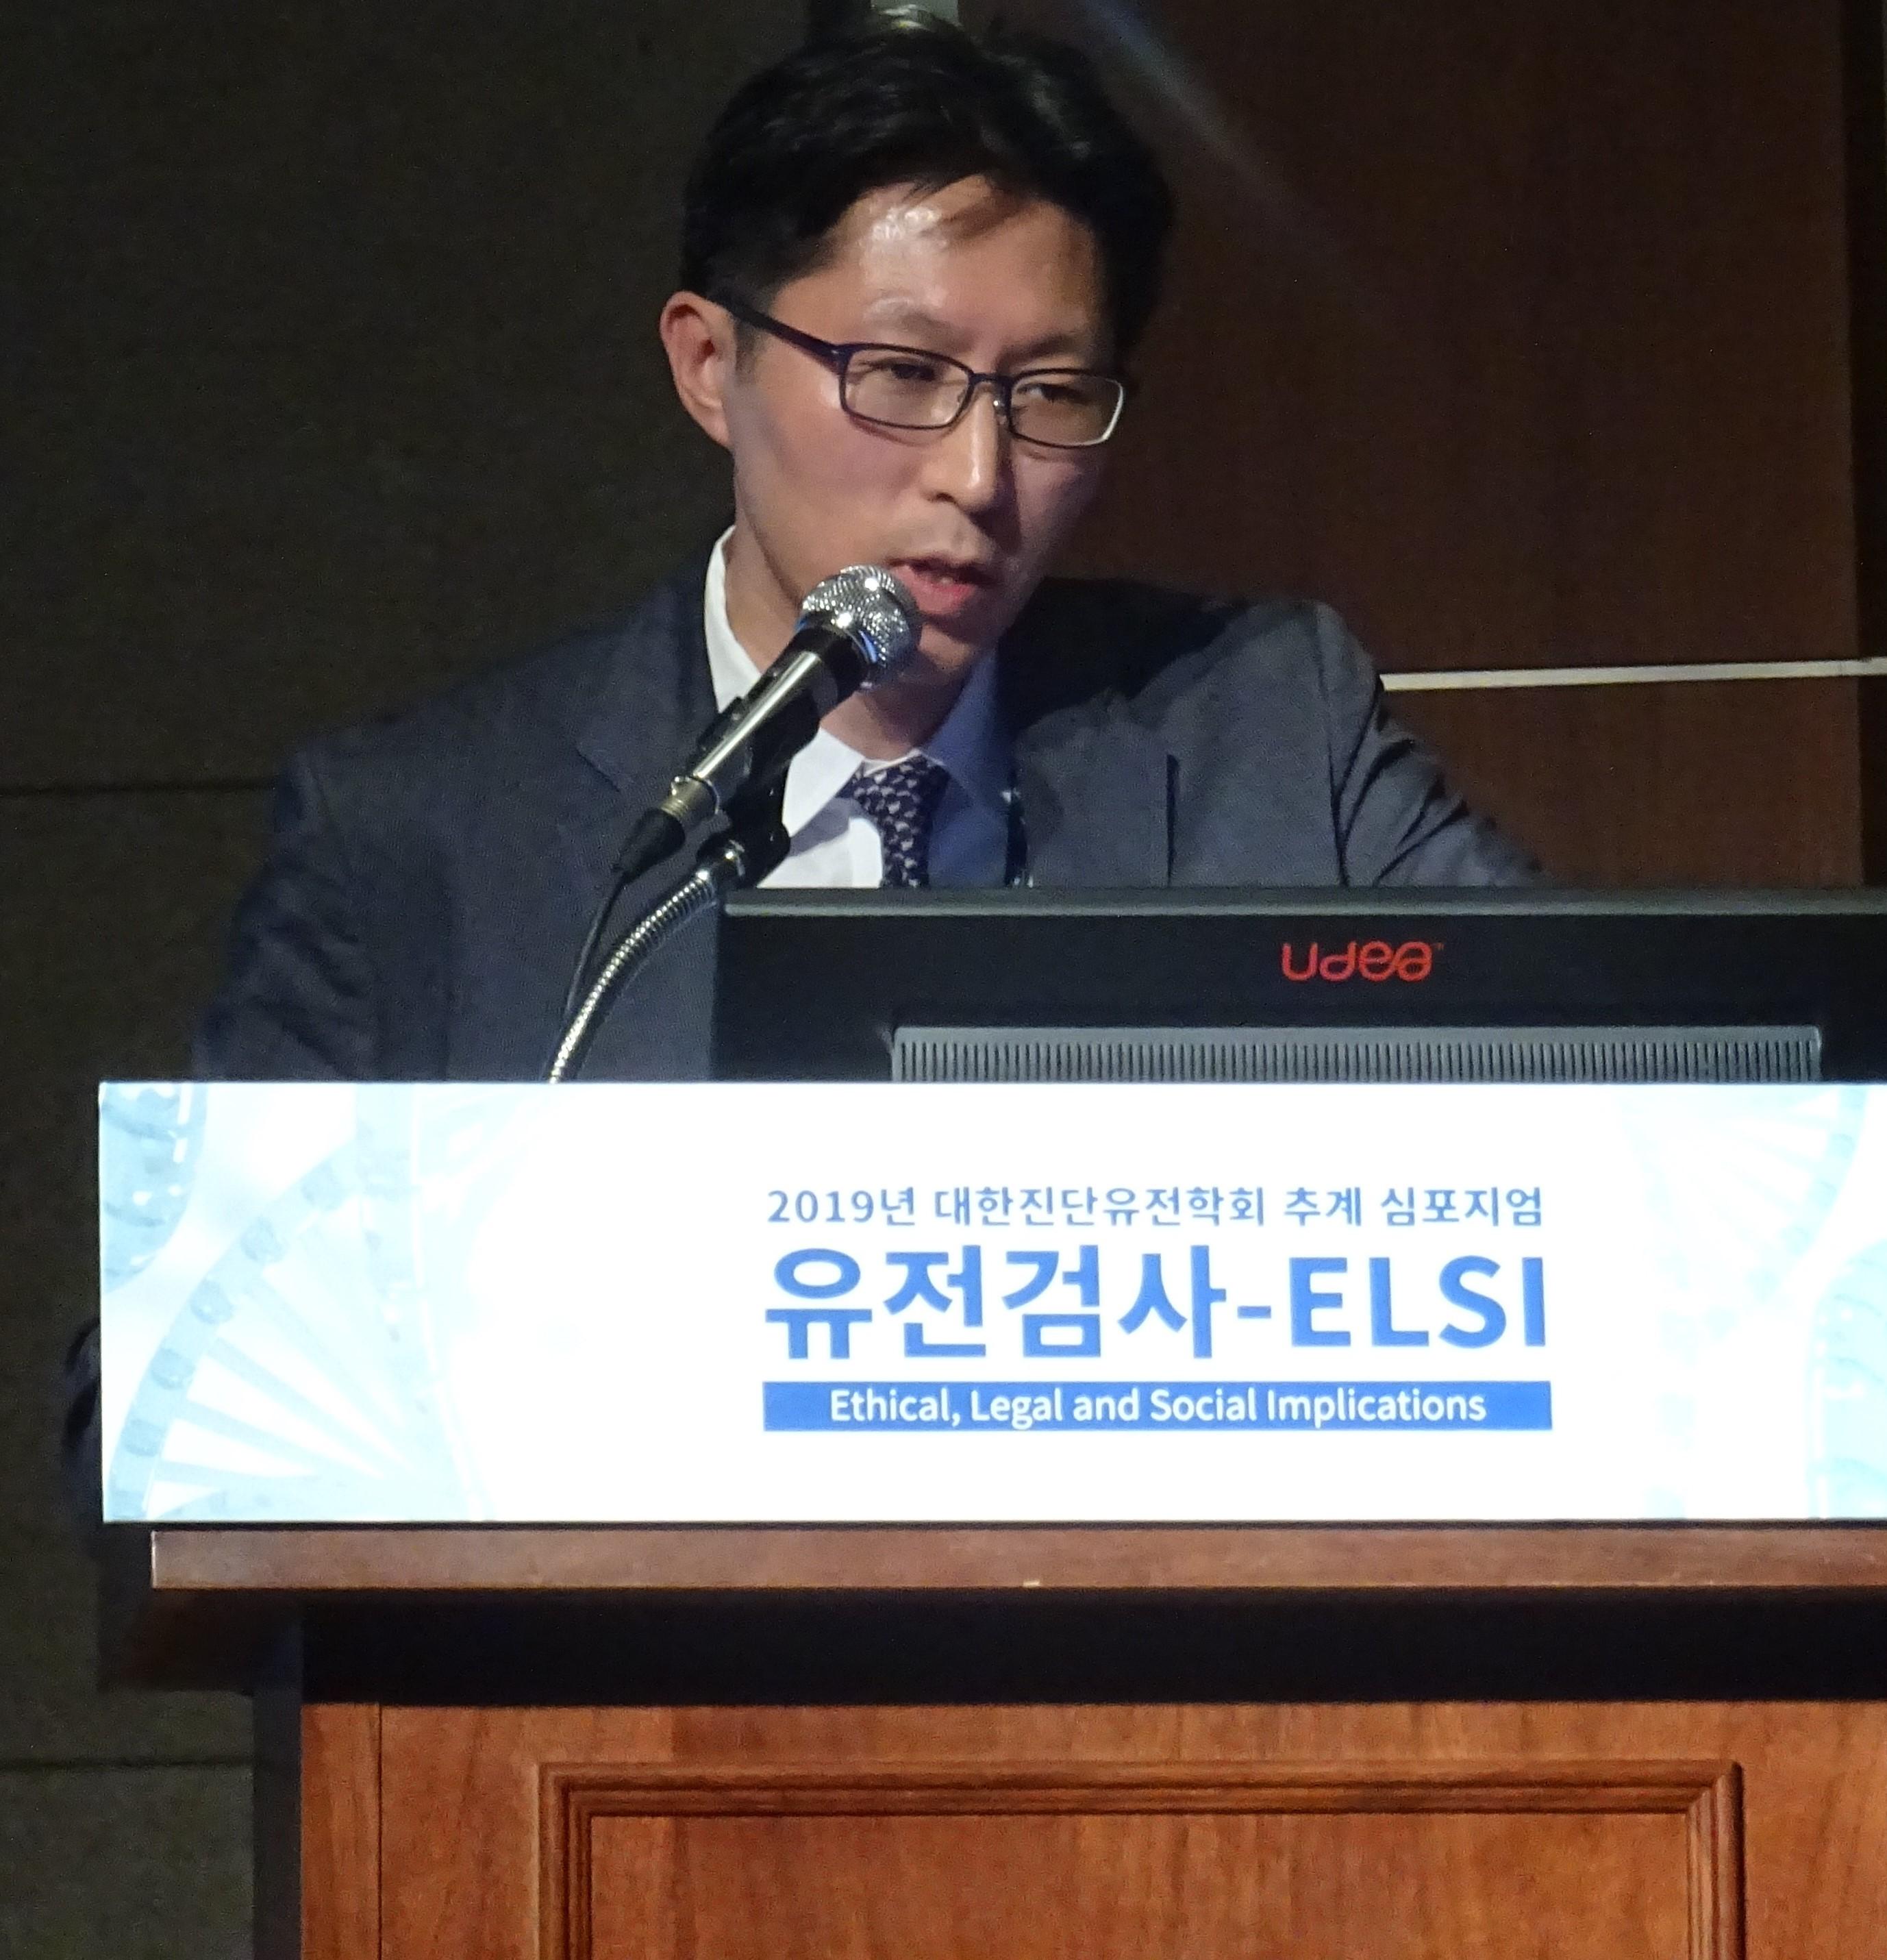 연세대학교 암센터 김건민 교수